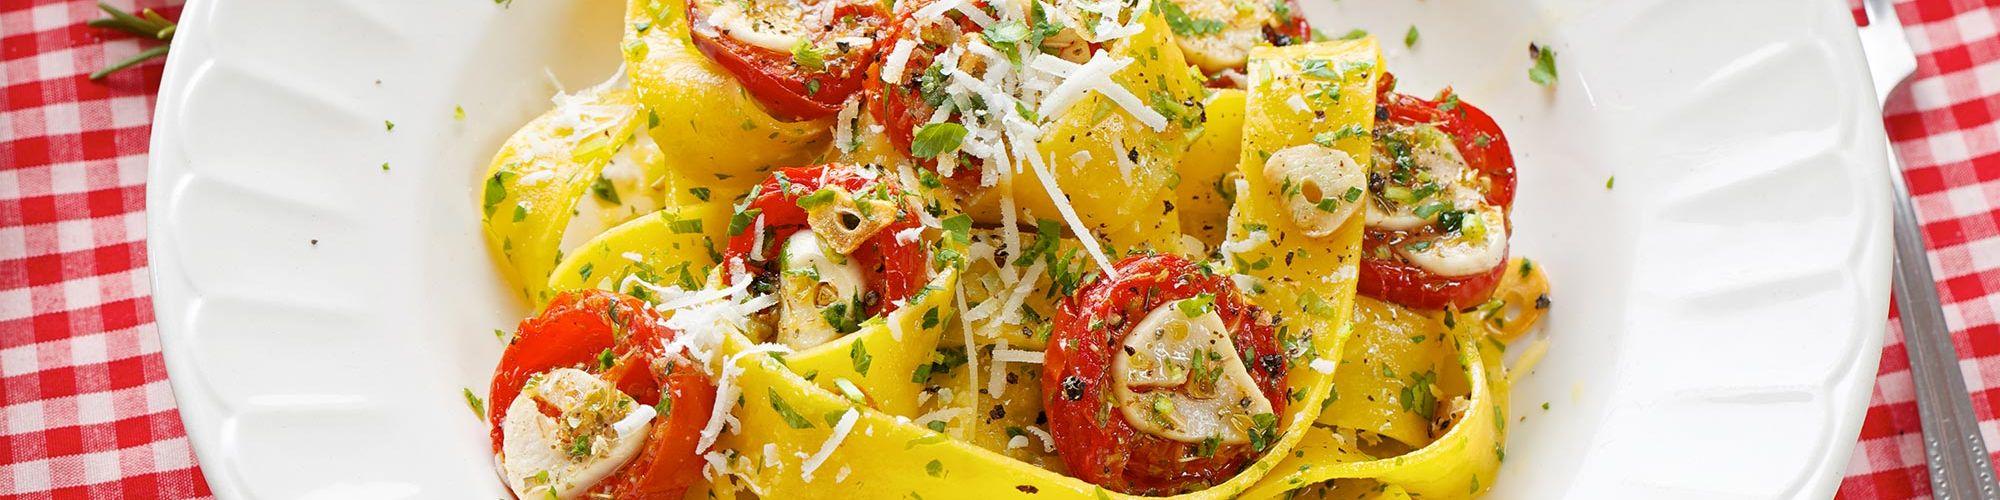 ricetta Pappardelle con pomodorini ripieni con pasta fresca